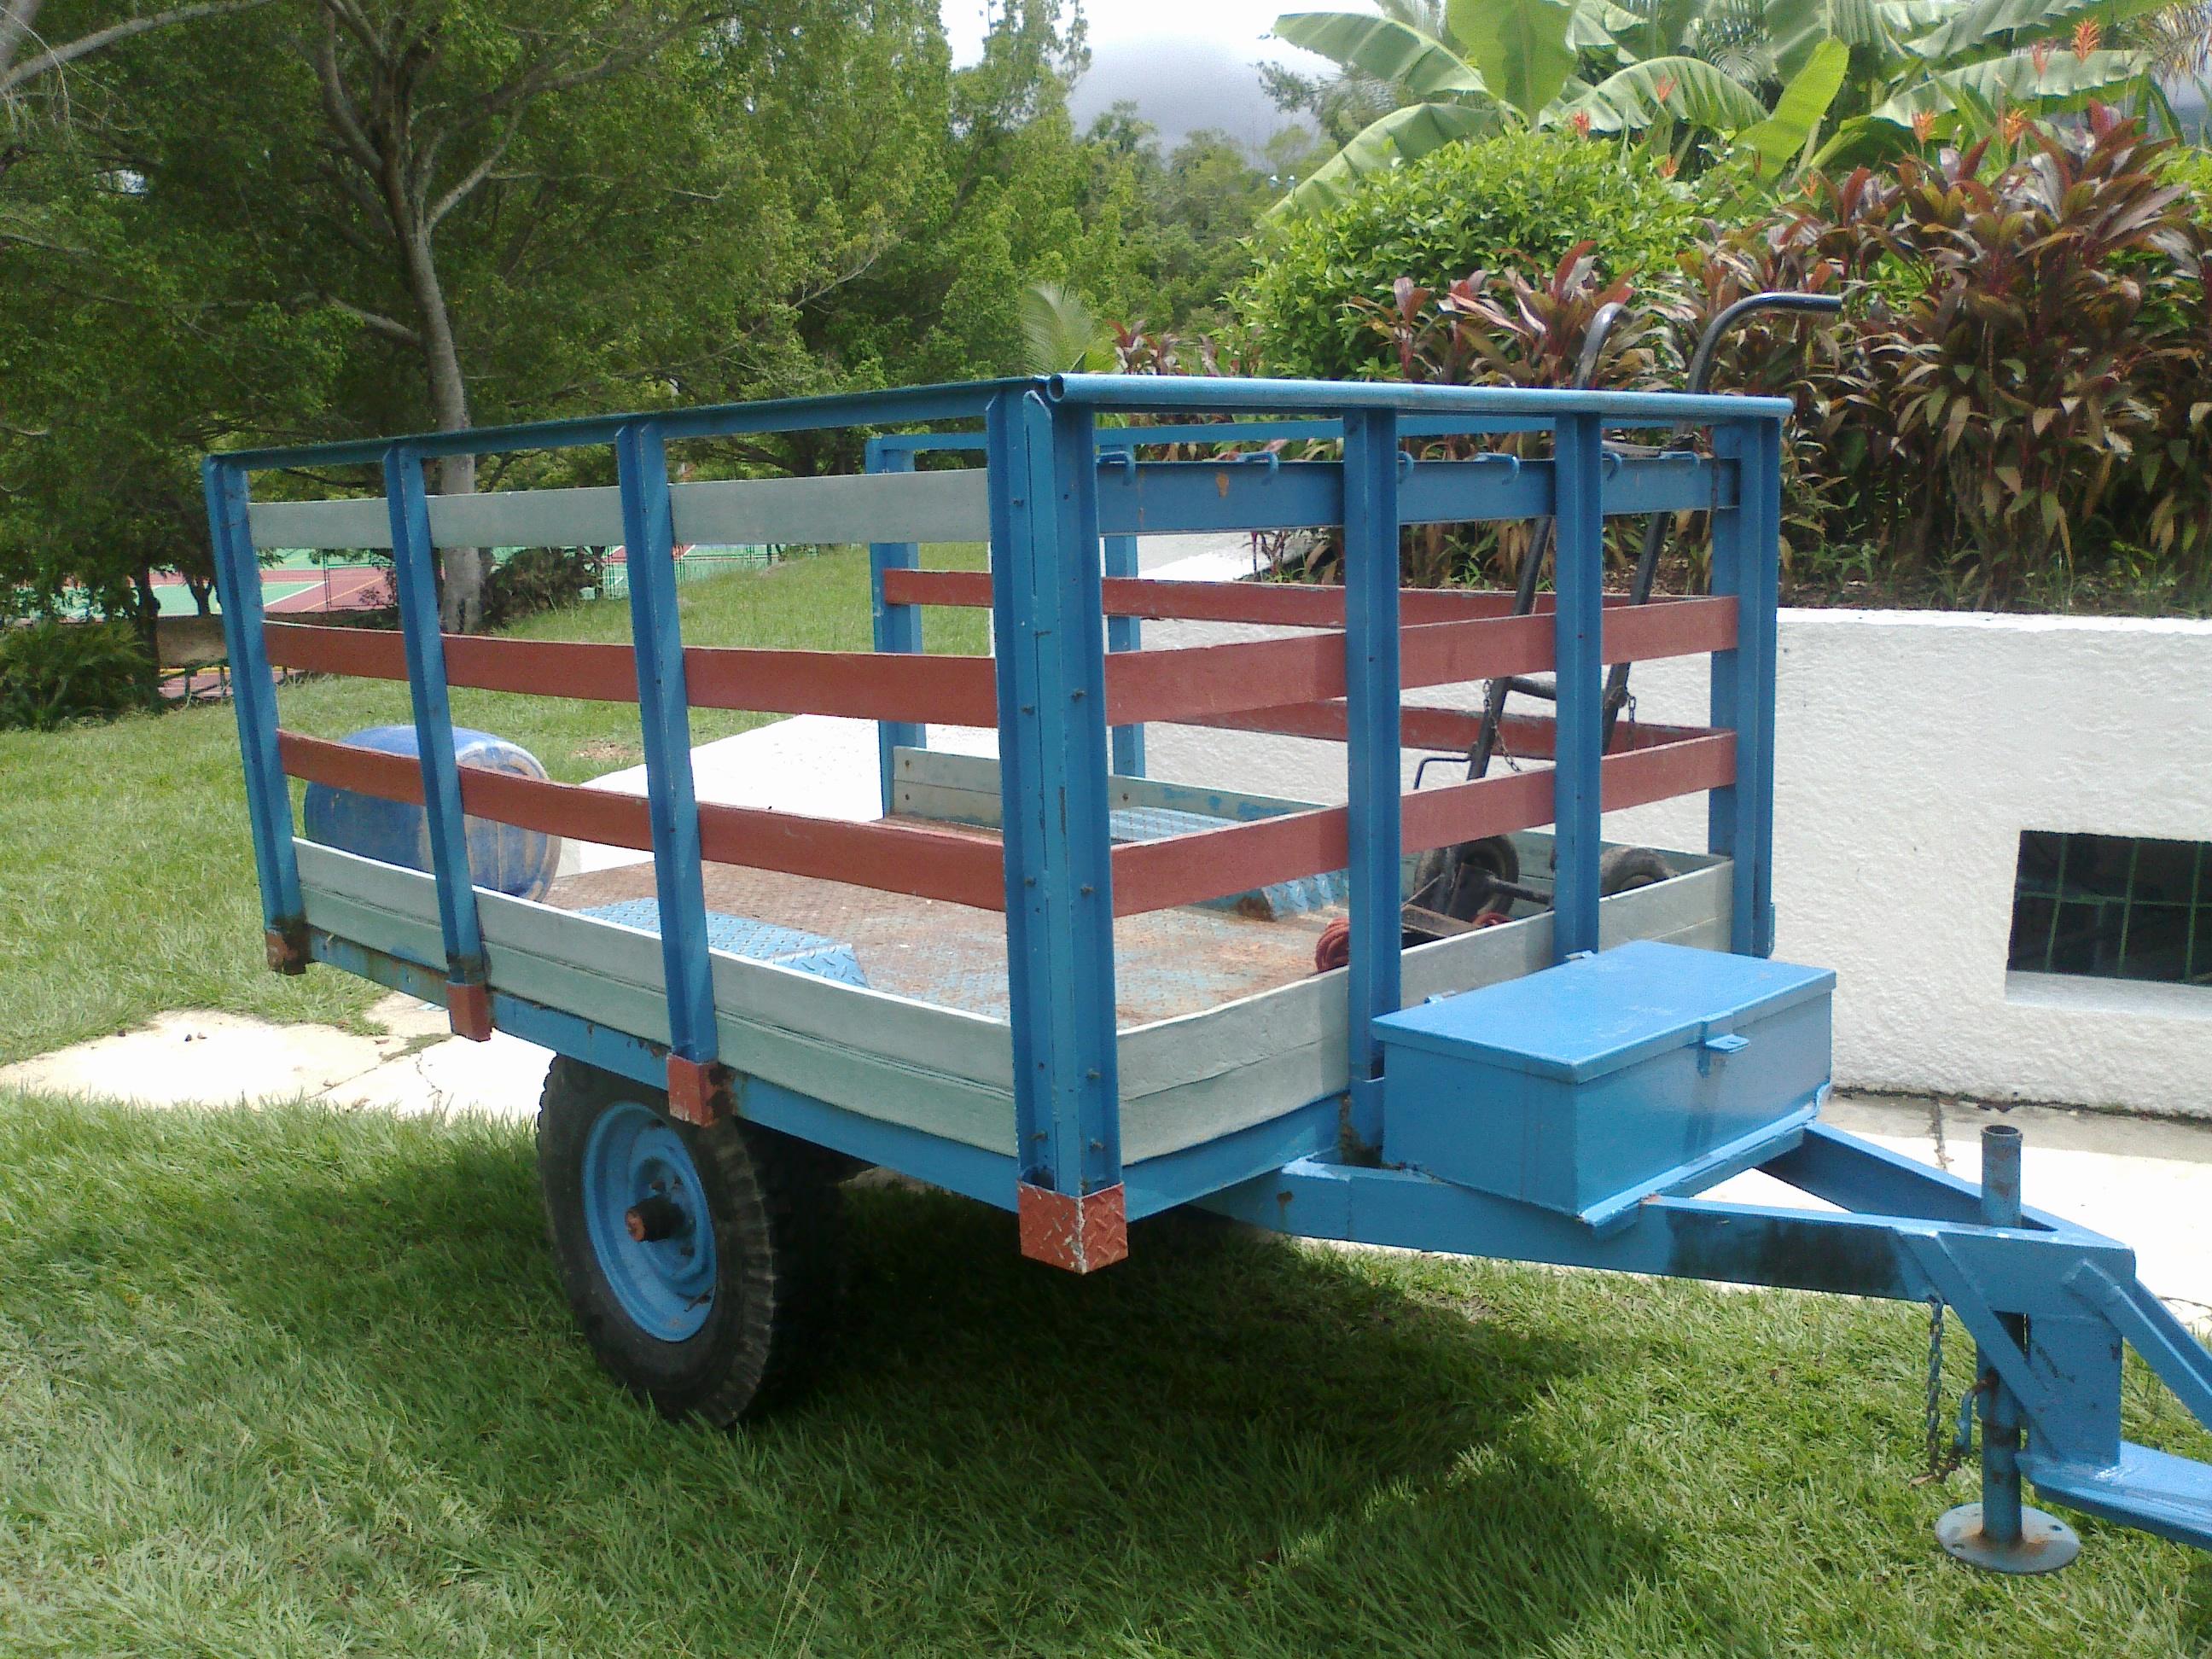 Carretillas industriales carretas remolques carros 2 4 6 - Carretillas de transporte ...